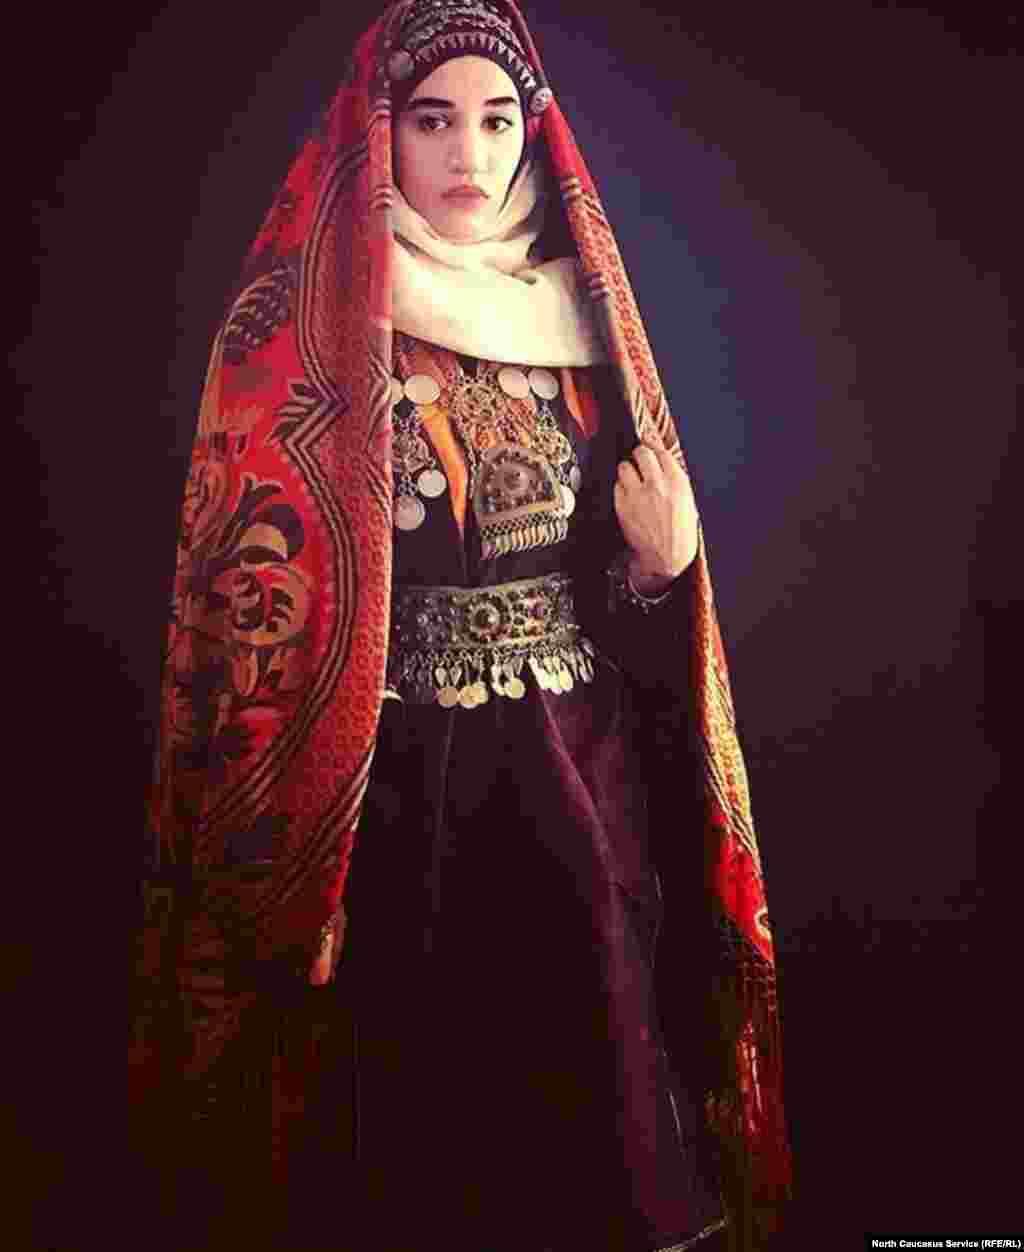 Выходная одежда украшалась узорами, вышивкой и сопровождалась большим количеством украшений из золота и серебра